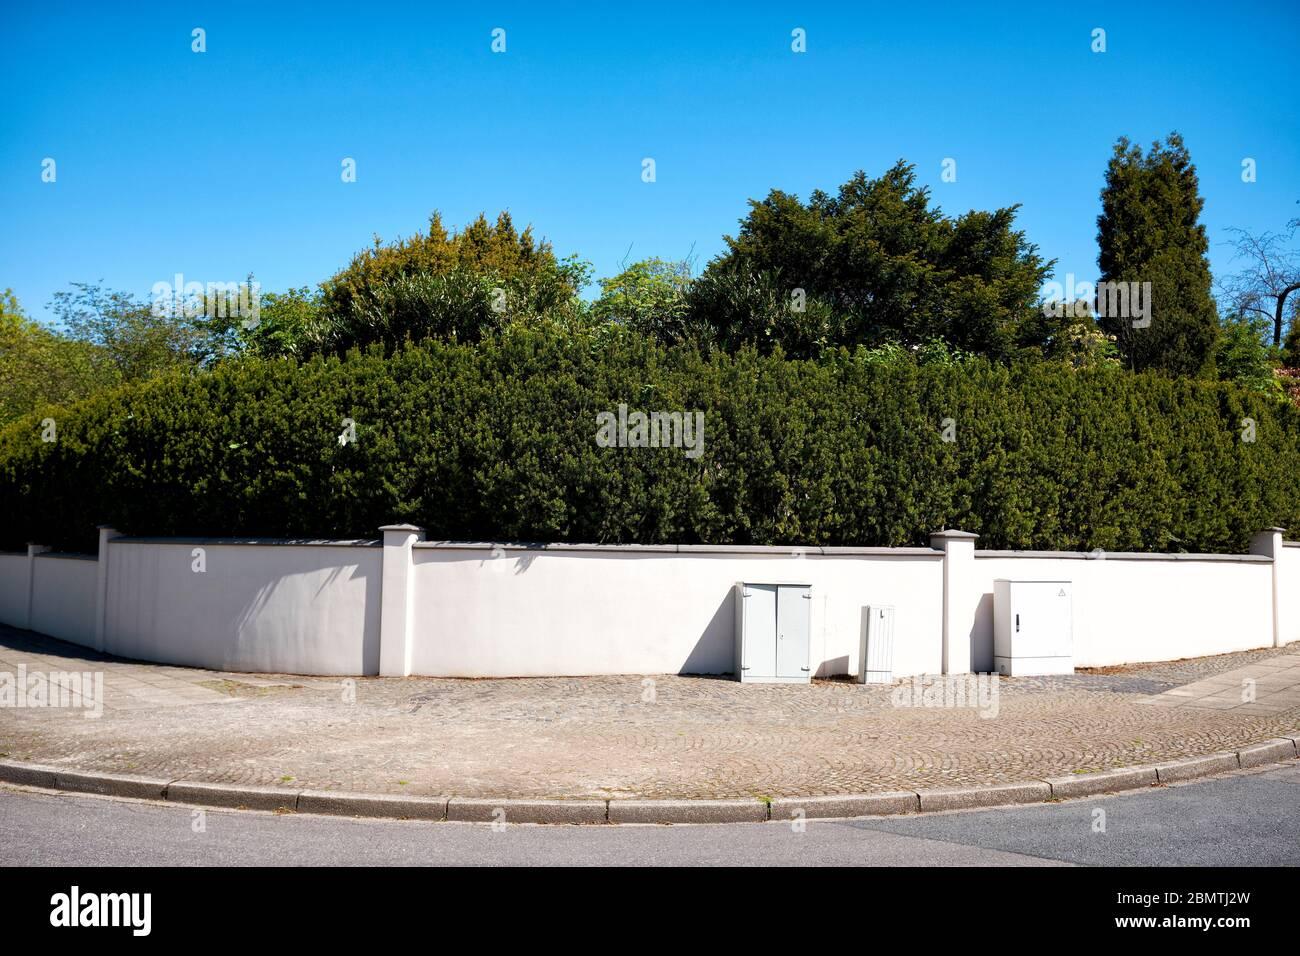 Sichtschutz vor neugierigen Blicken. Hecken und Mauern als Grundstuecksgrenzen. Stock Photo